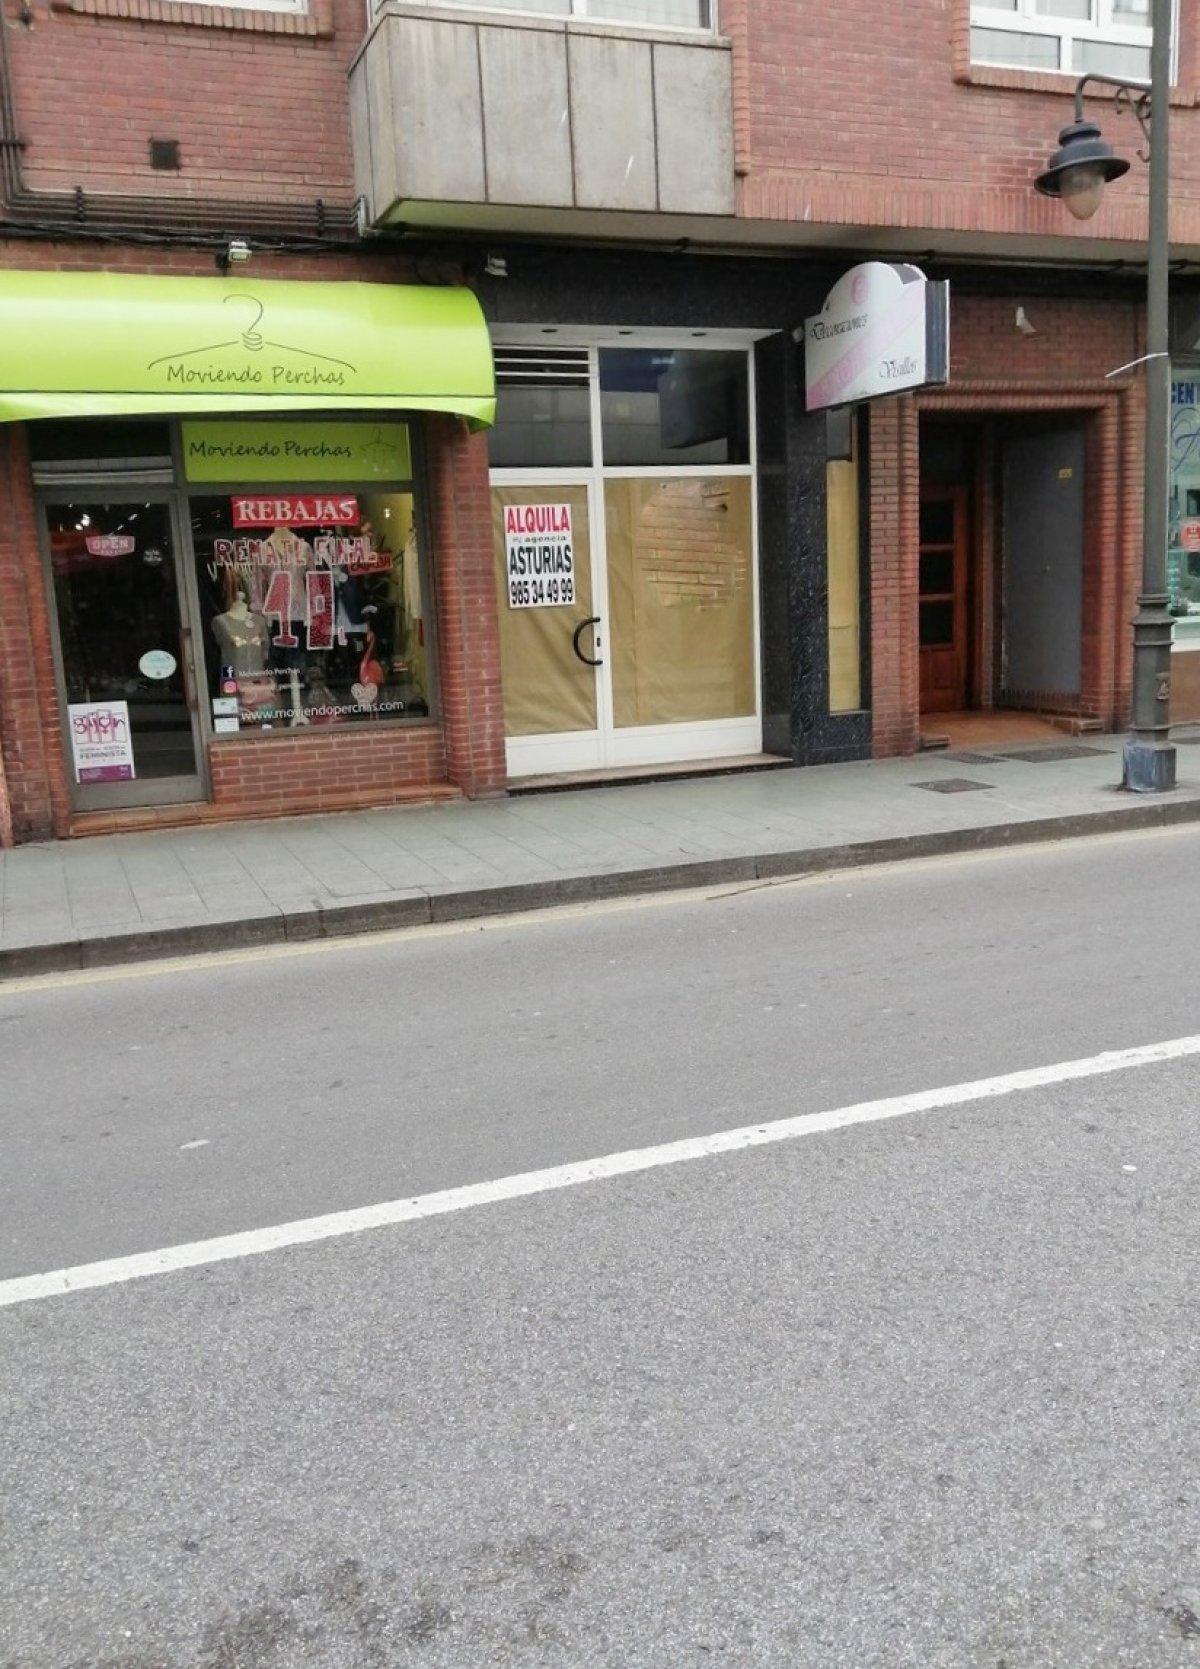 Avenida schultz, local instalado - imagenInmueble2